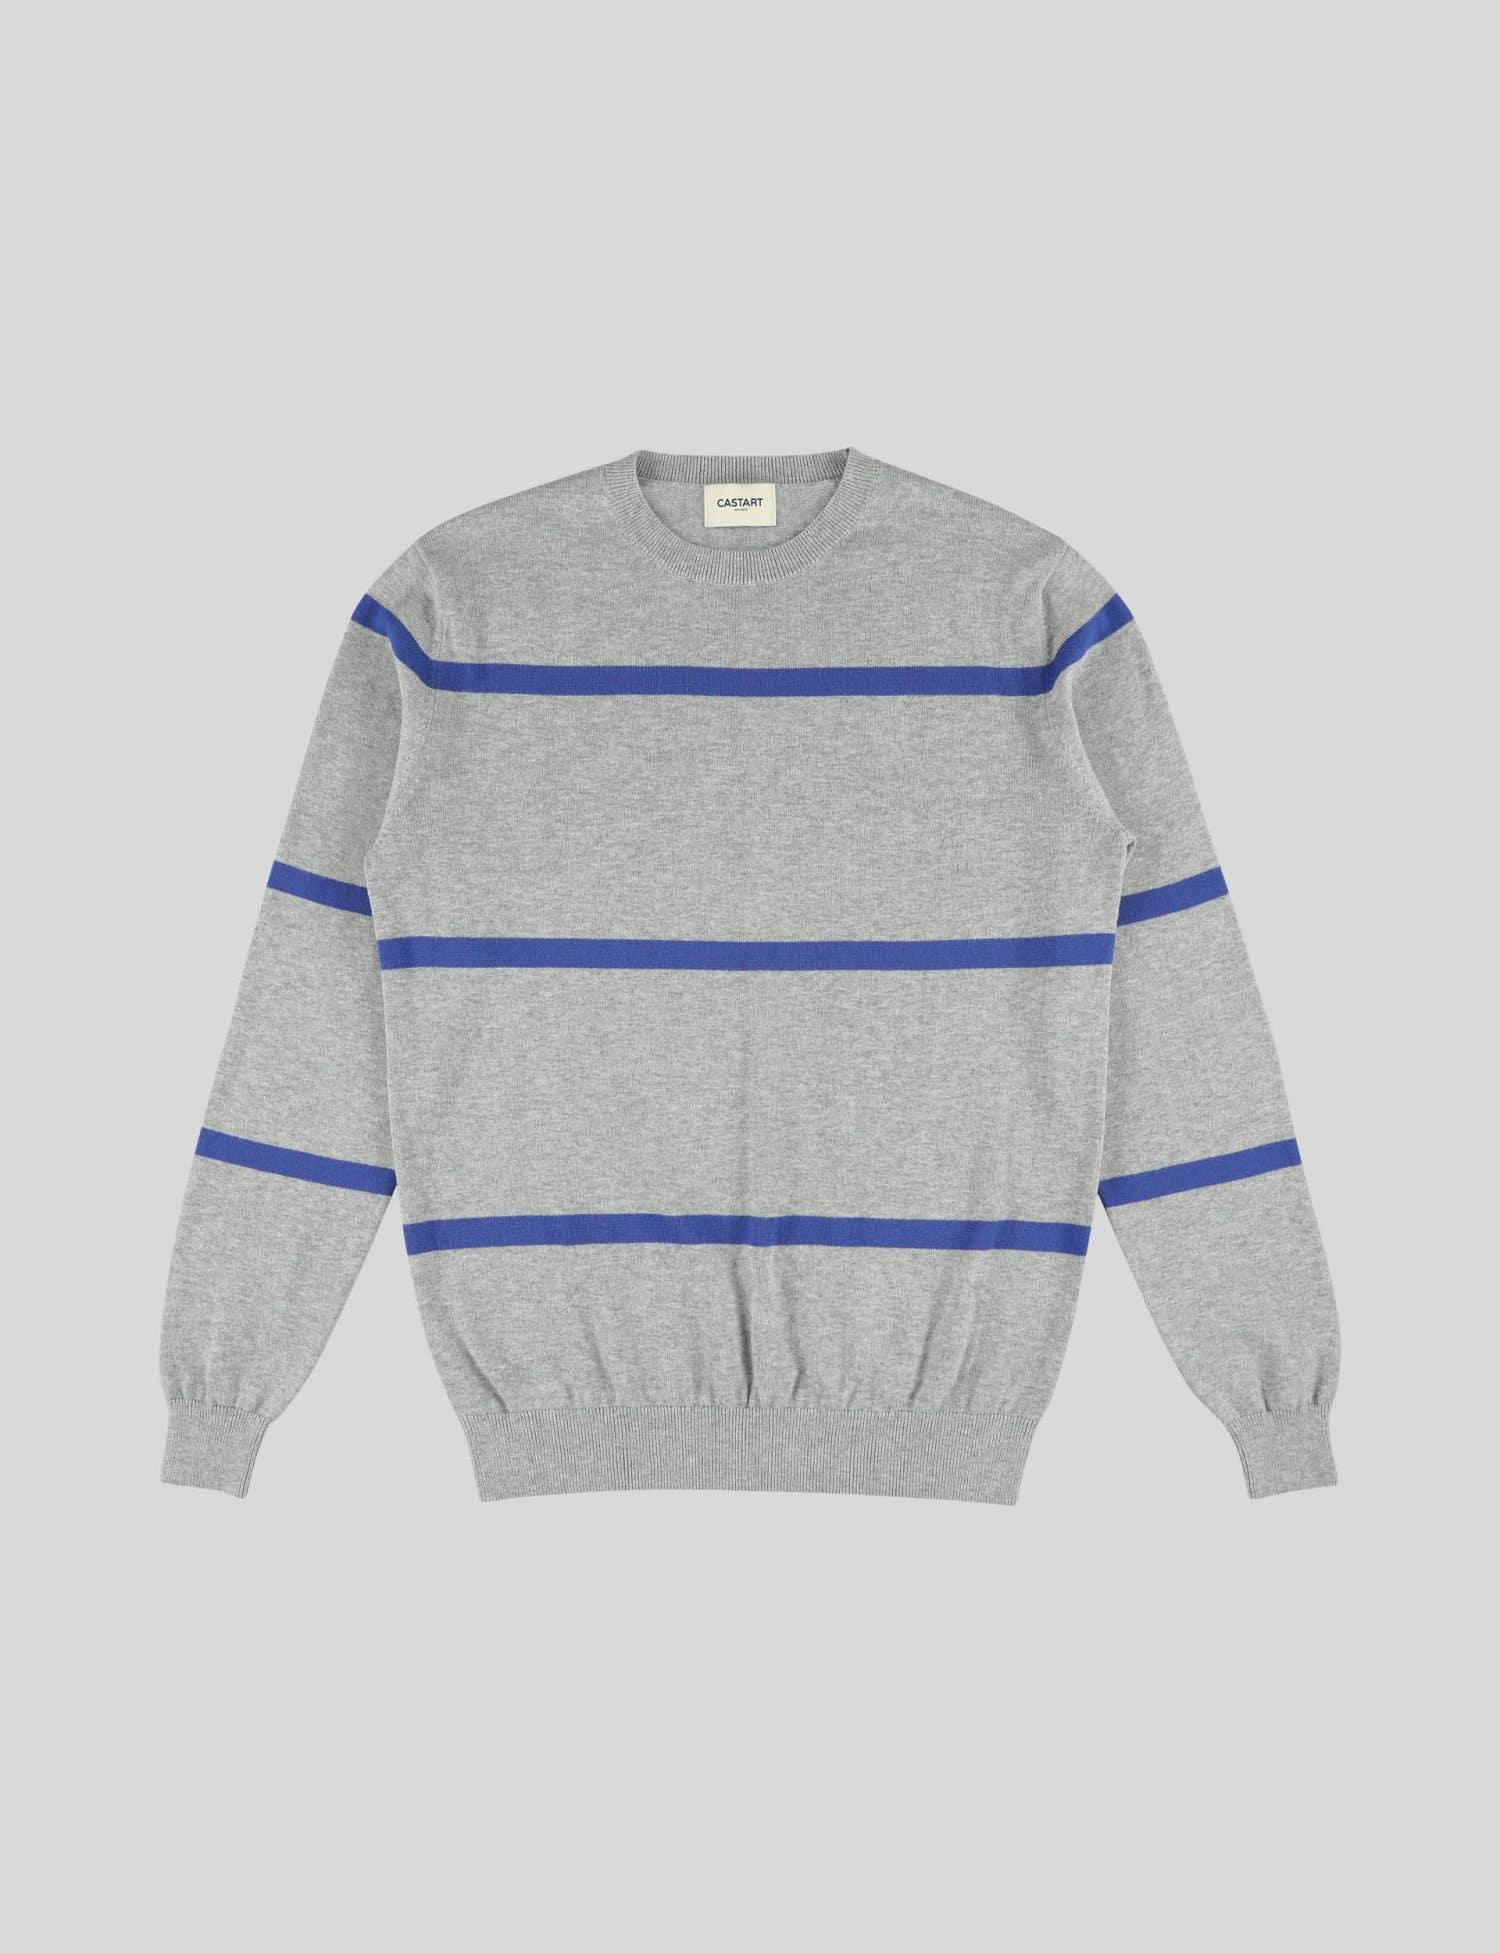 Castart - Pendine knitwear - Middle Grey